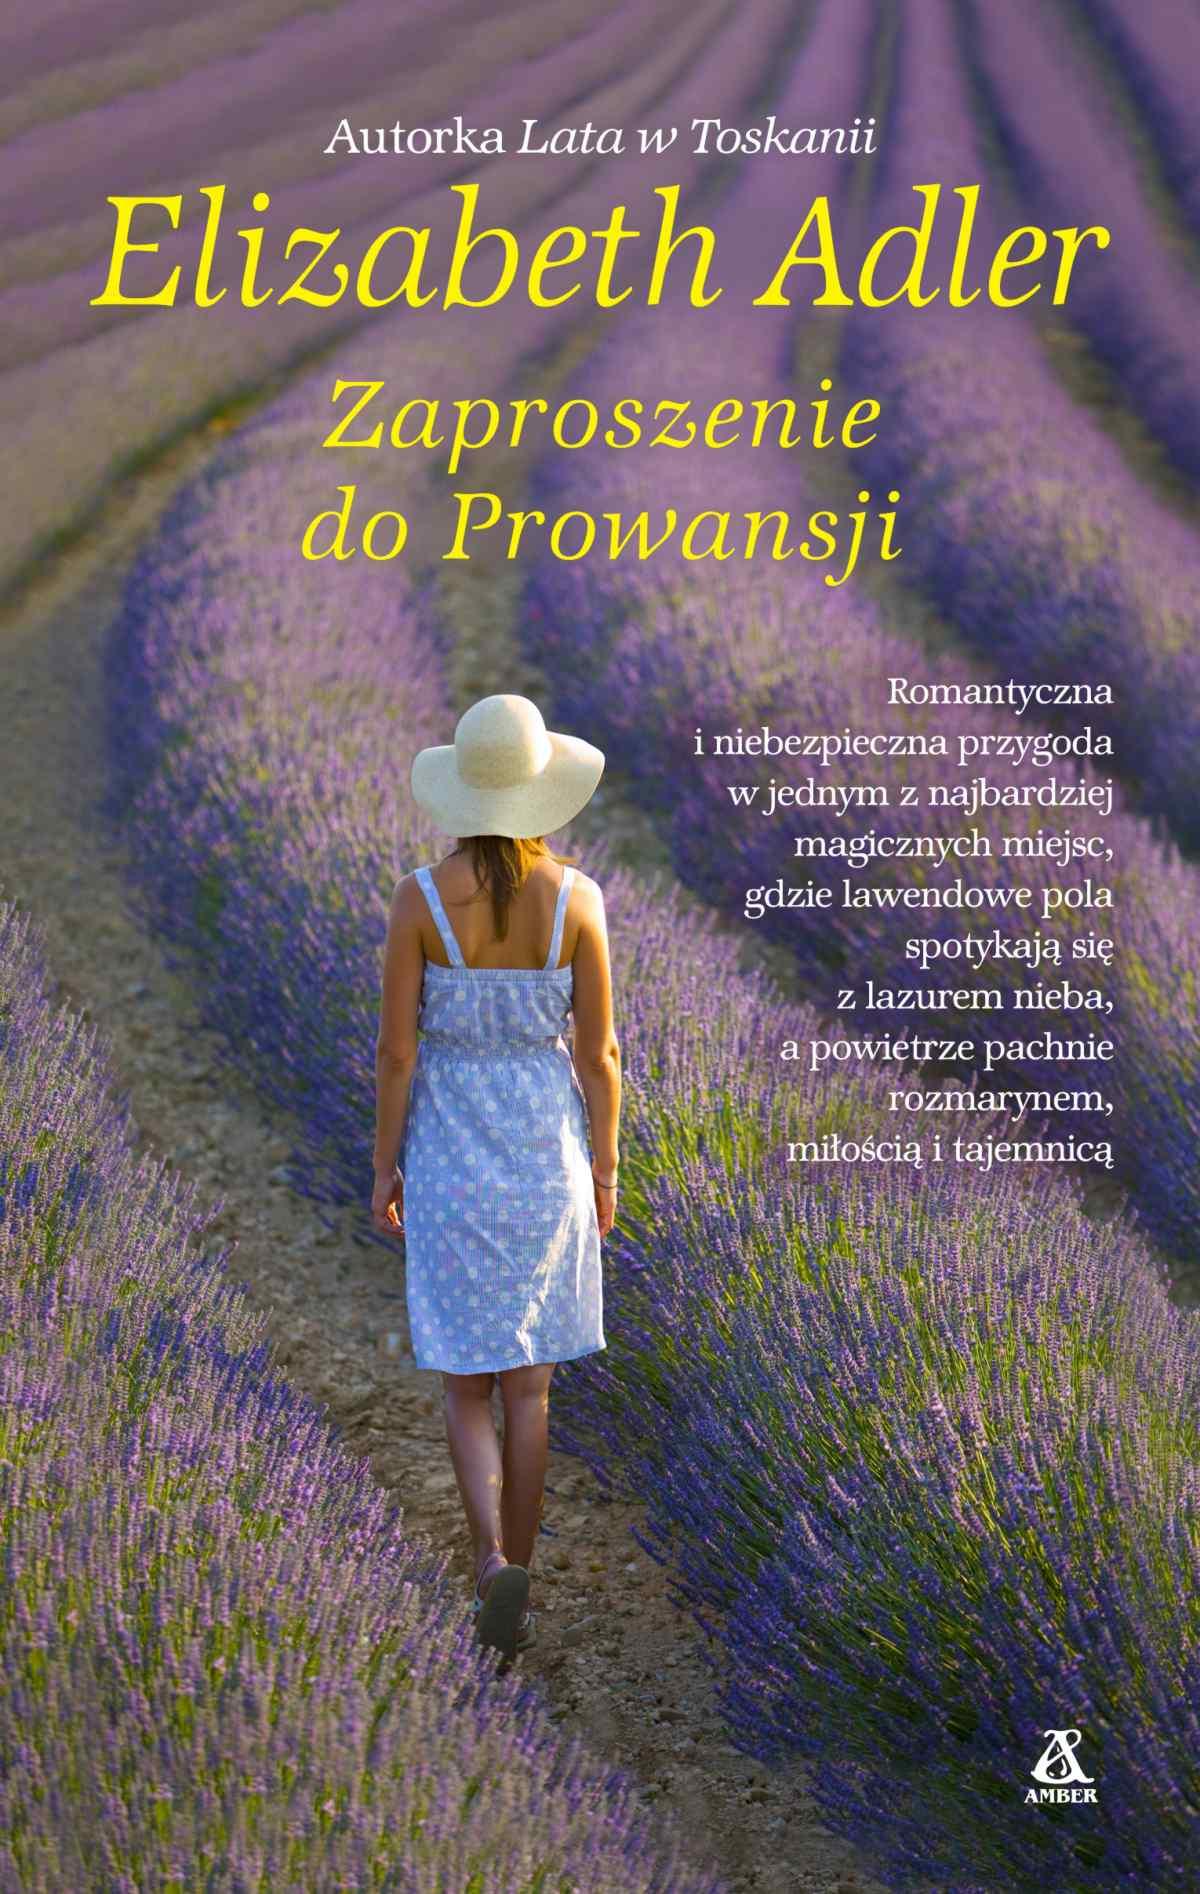 Zaproszenie do Prowansji - Ebook (Książka EPUB) do pobrania w formacie EPUB